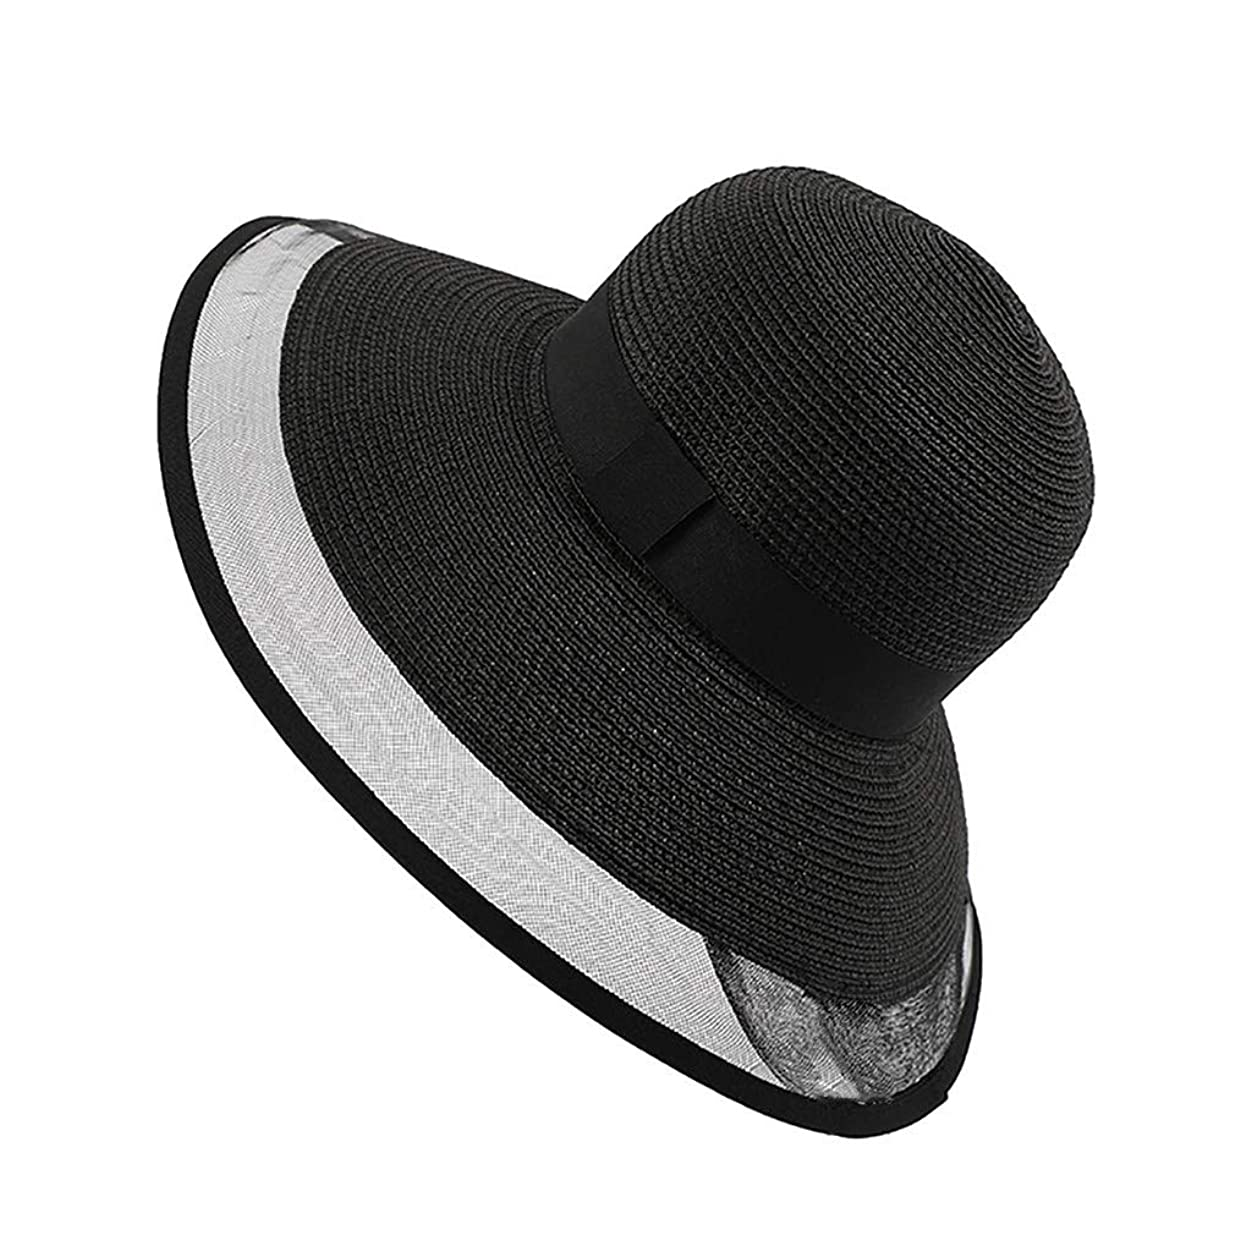 警告するすり減る平らにするGlennoky 麦わら帽子 レディース ストローハット メンズ キャップ 帽子 ハット 小顔効果 メッシュキャップ メッシュ帽 ユニセックス おしゃれ ワークキャップ 旅行 お出かけ 紫外線対策 日よけ uvカット ビーチキャップ 男女兼用 春夏